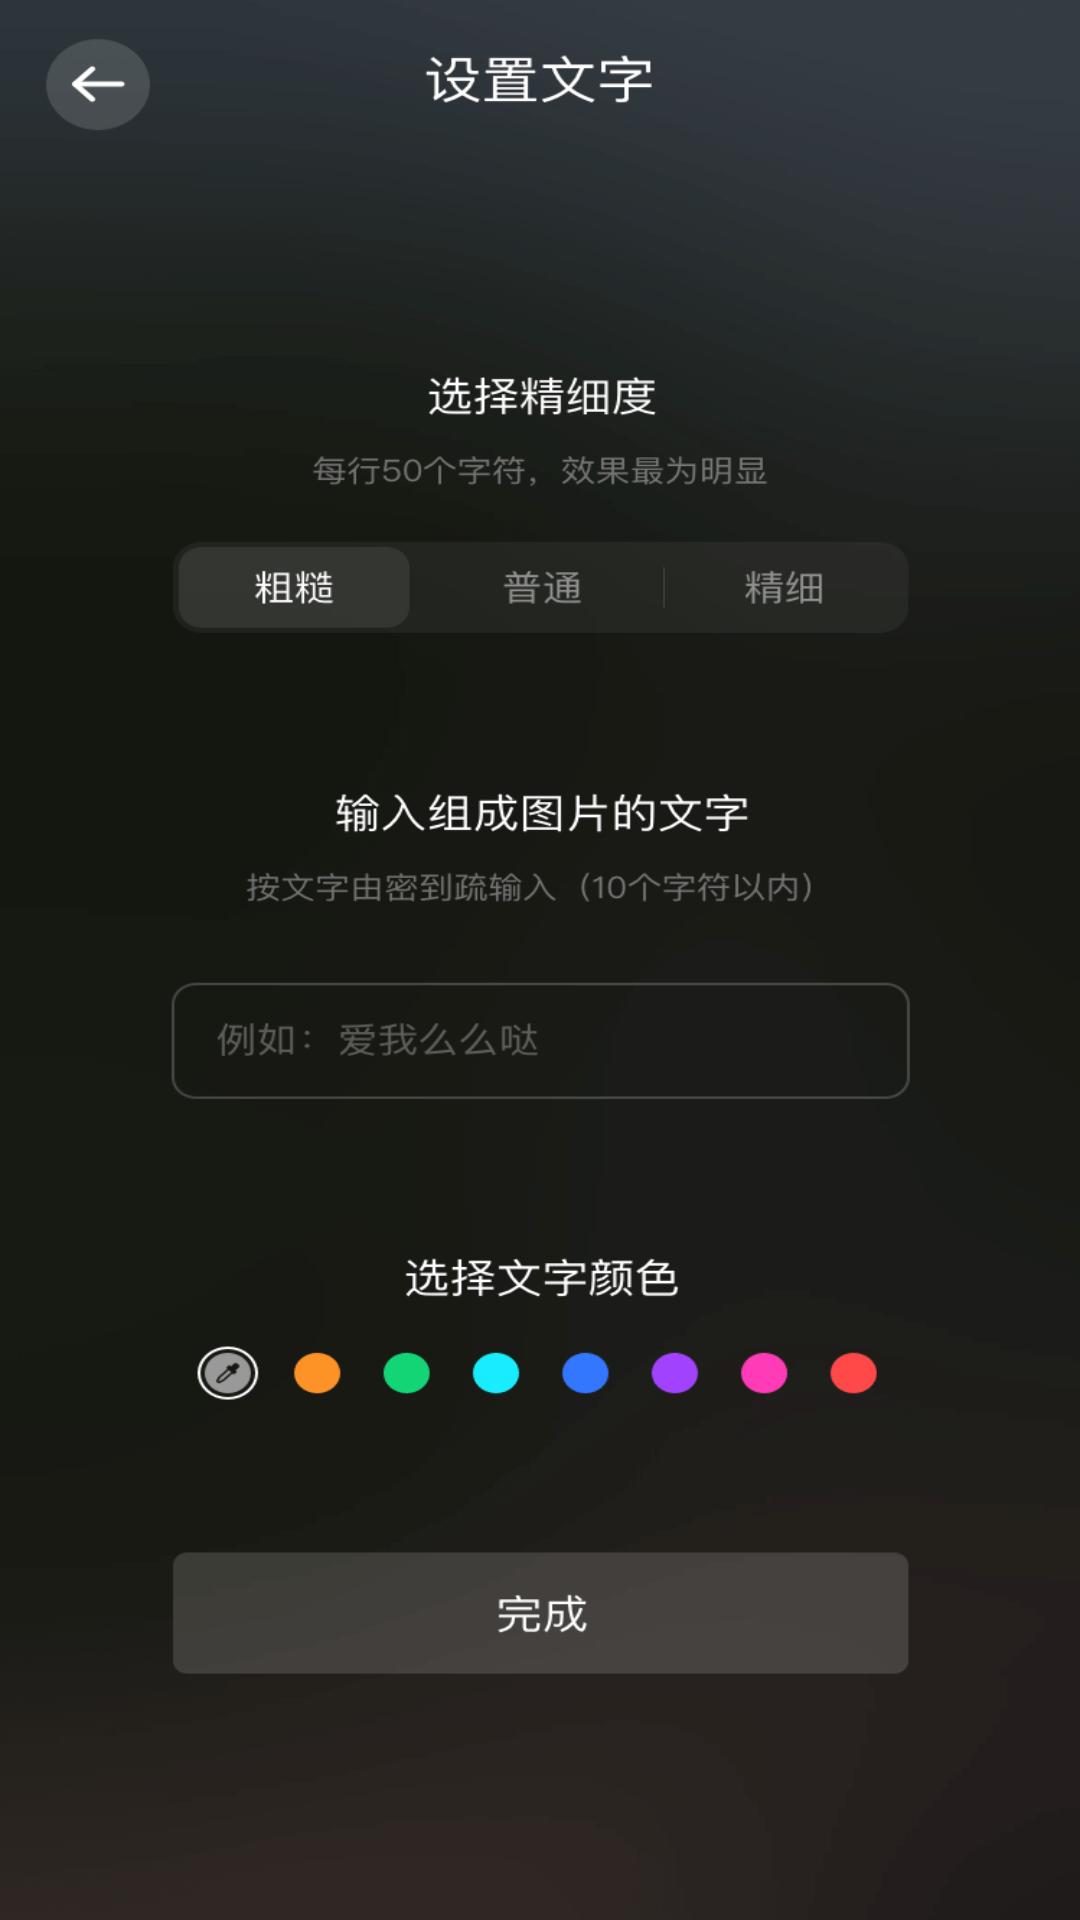 尤美剪辑 V1.0.0 安卓版截图4